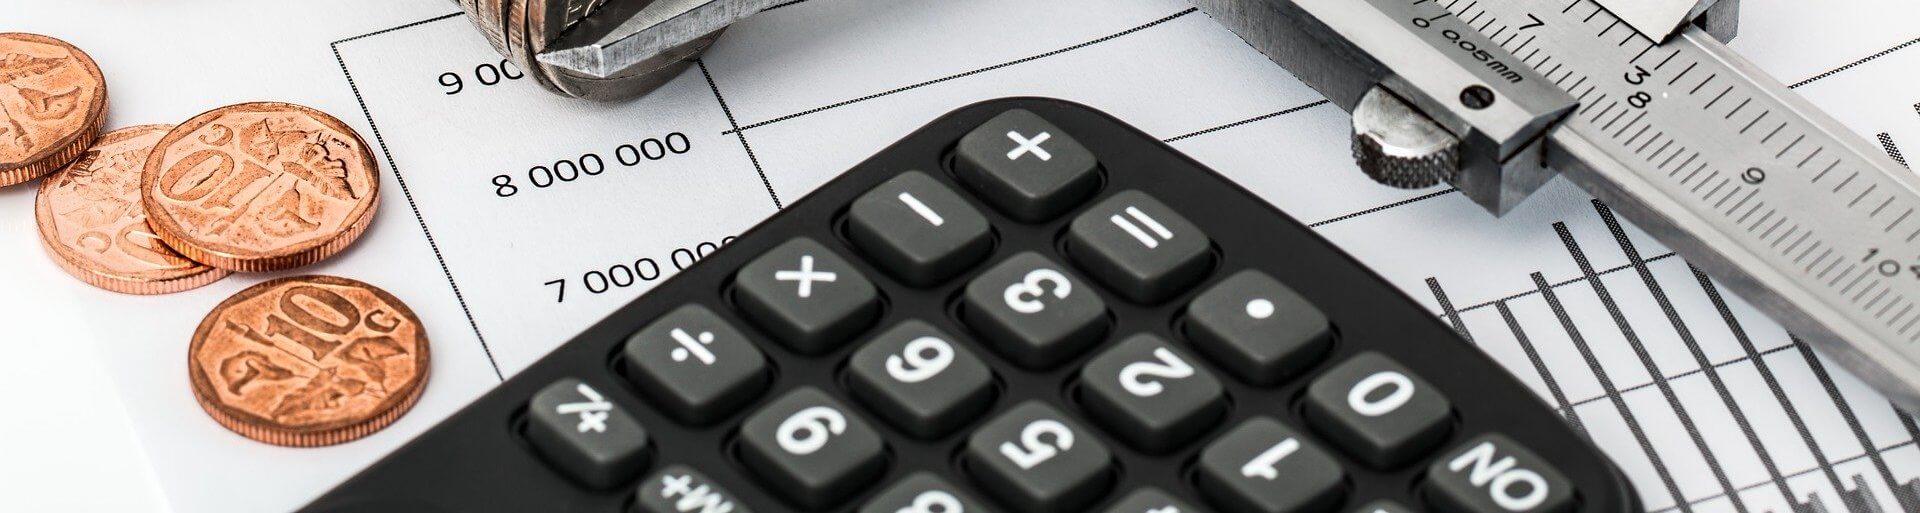 Kosten Nebenkosten Ueberpruefen Abrechnen